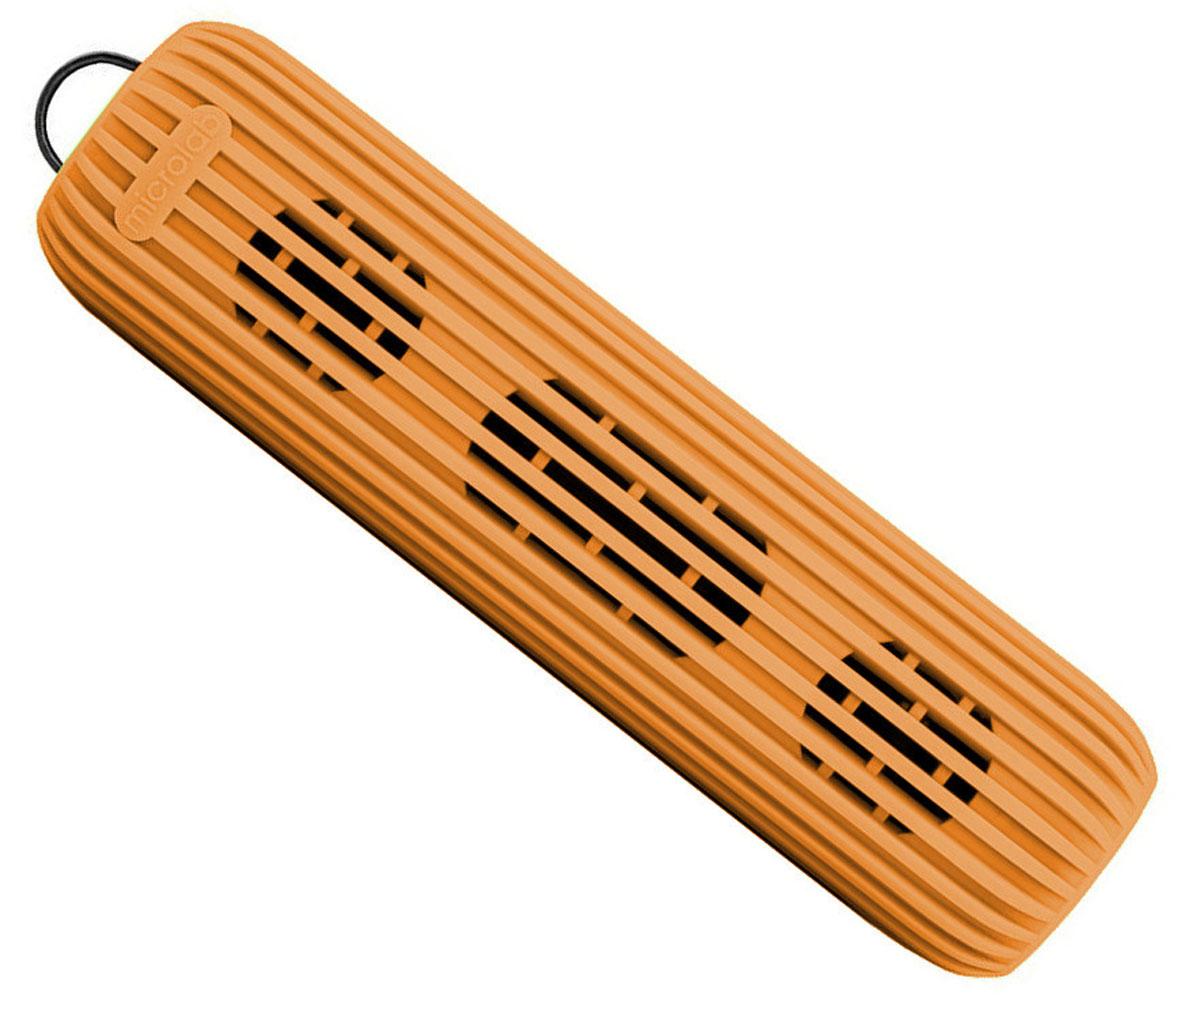 Microlab D21, Orange портативная акустическая система80530Акустическая система необычной формы и дизайна ориентирована на людей, ведущих активный образ жизни. D21 способна стать прекрасным спутником как на небольшом пикнике на природе, так и в долгом походе. Благодаря силиконовому покрытию корпуса, сателлит прощает слушателю небольшие ударные воздействия, а также прекрасно переносит как росу, так и небольшой дождик, что наряду с пылью, может стать фатальным для других портативных акустических систем. Небольшие размеры обеспечивают портативность системы, она не занимает много места и поместится в любом рюкзаке или сумке, а идущий в комплекте шнурок способен закрепить сателлит в походном варианте, позволяя избежать потери колонки. В Bluetooth-режиме при входящем звонке на телефон, можно ответить на звонок через сателлит. Благодаря встроенному в колонку микрофону, телефон искать не обязательно. Колонка способна воспроизводить музыку без источника звука. Чтобы послушать музыку, вам не обязательно ...